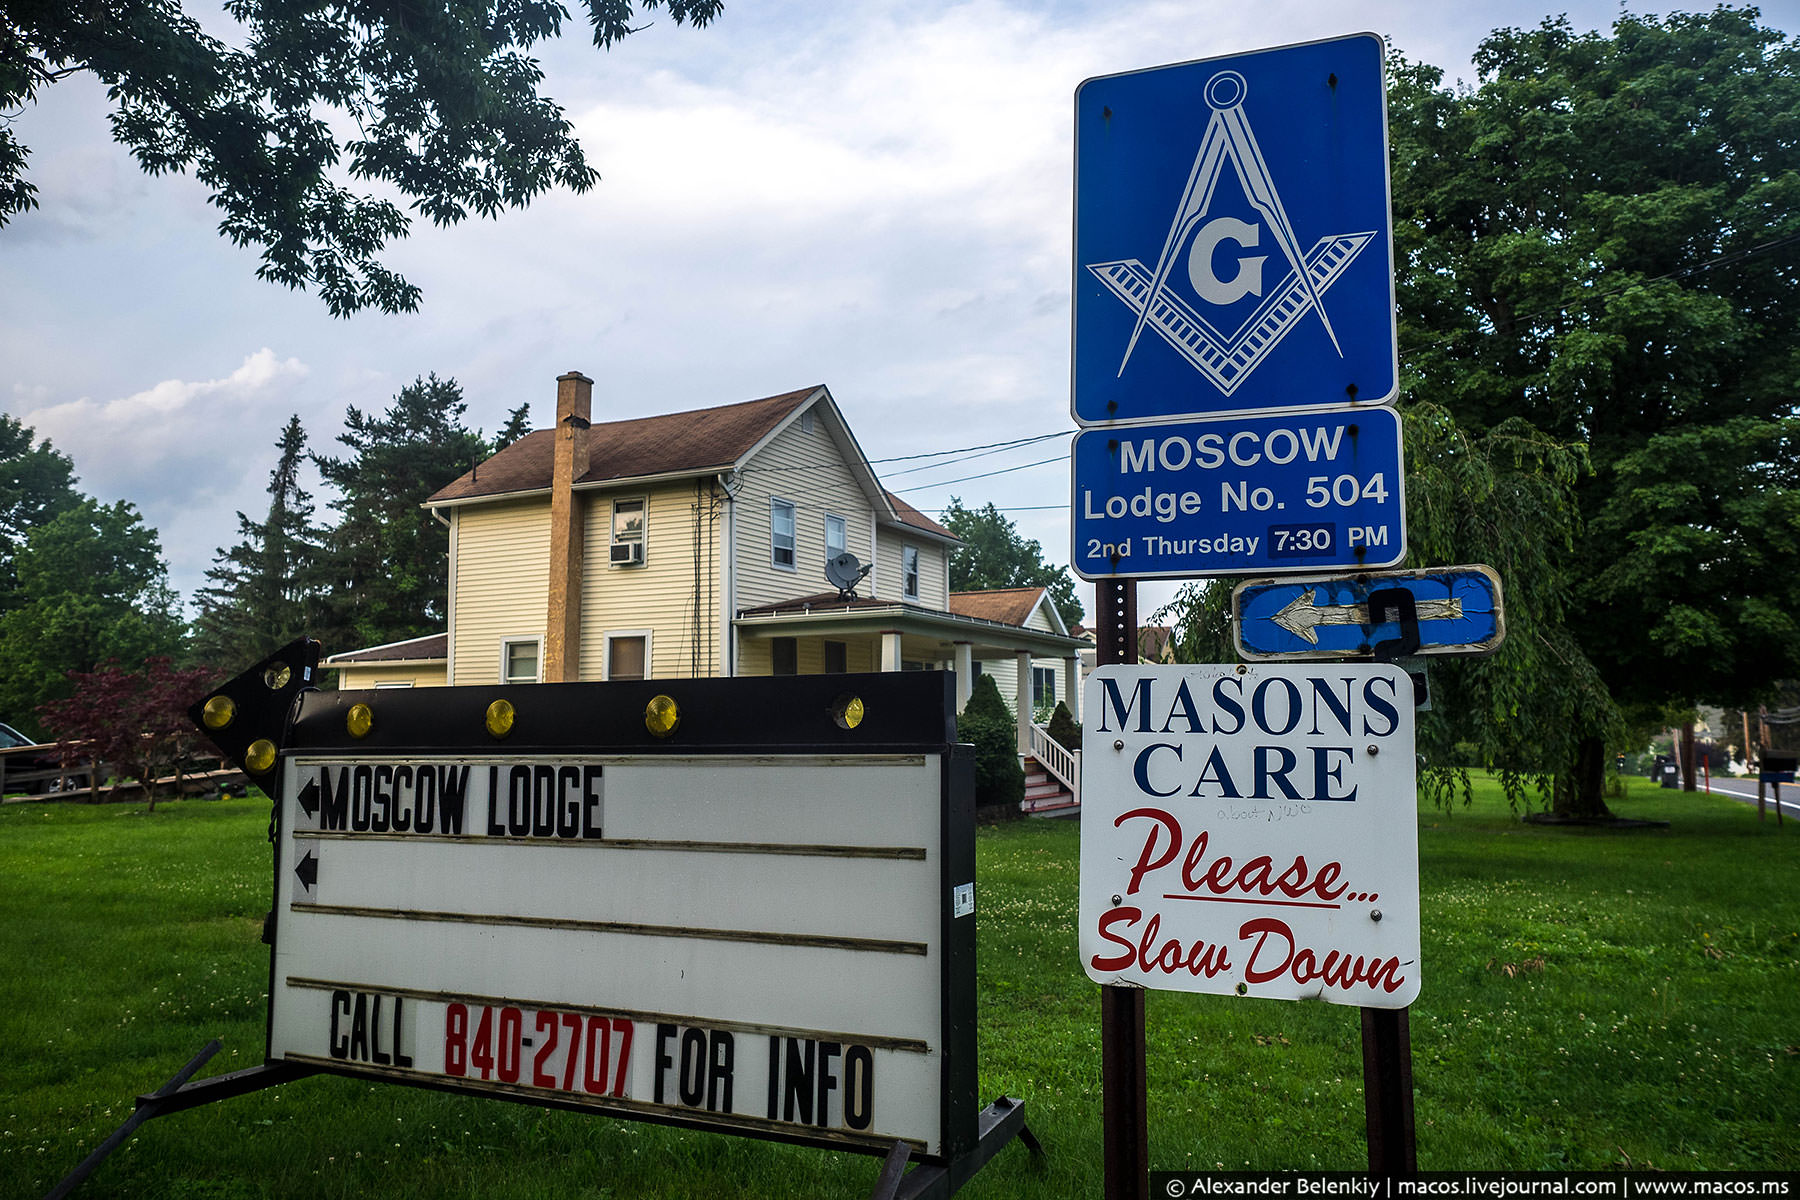 В Москве действует масонская ложа. Они работают открыто и ни от кого не скрываются, приходите вечеро